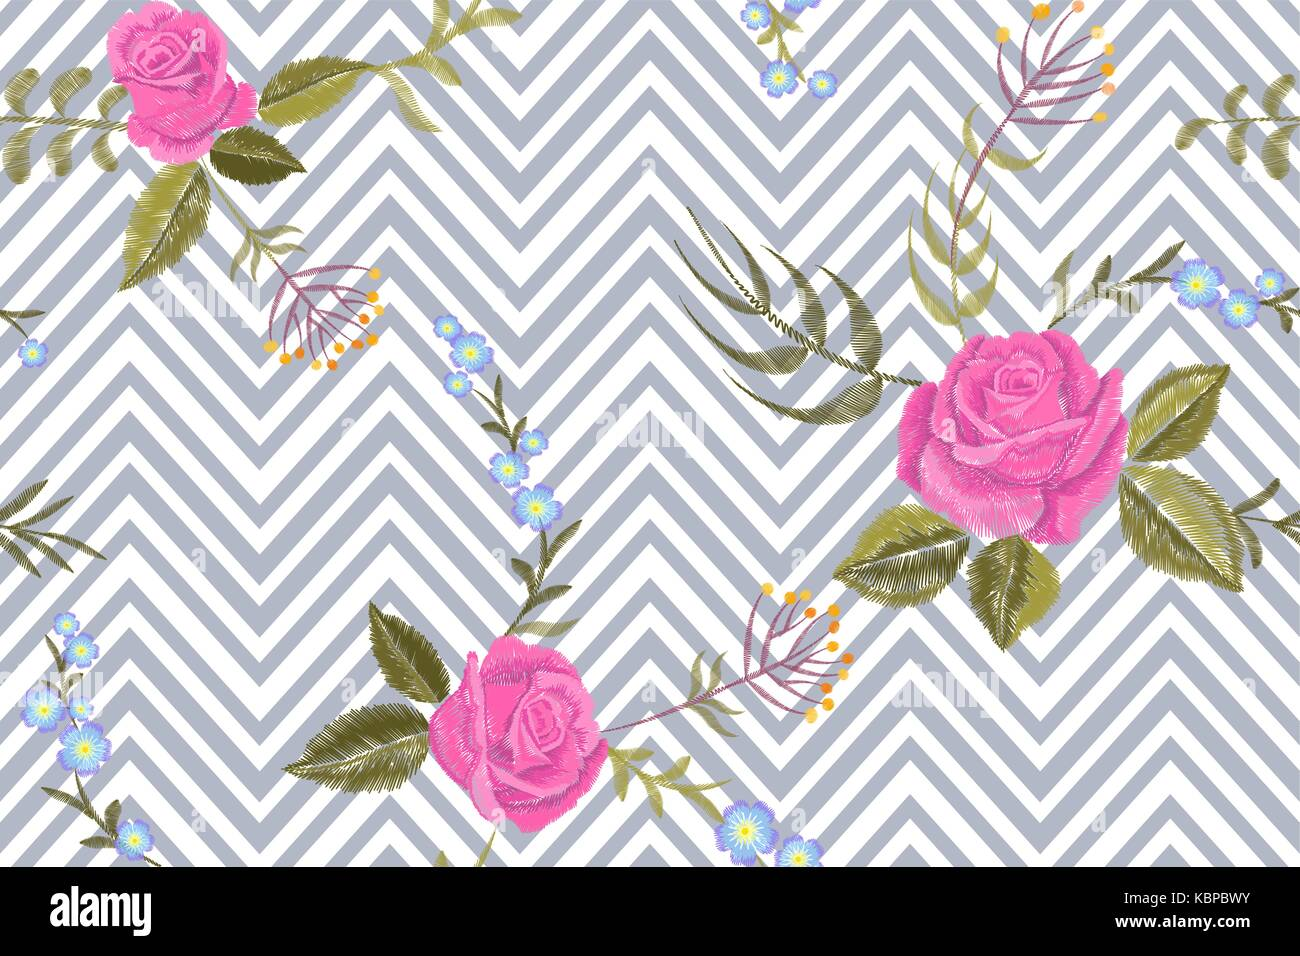 Rosa rosa floral bordado patrón sin fisuras. vintage flor victoriano ...